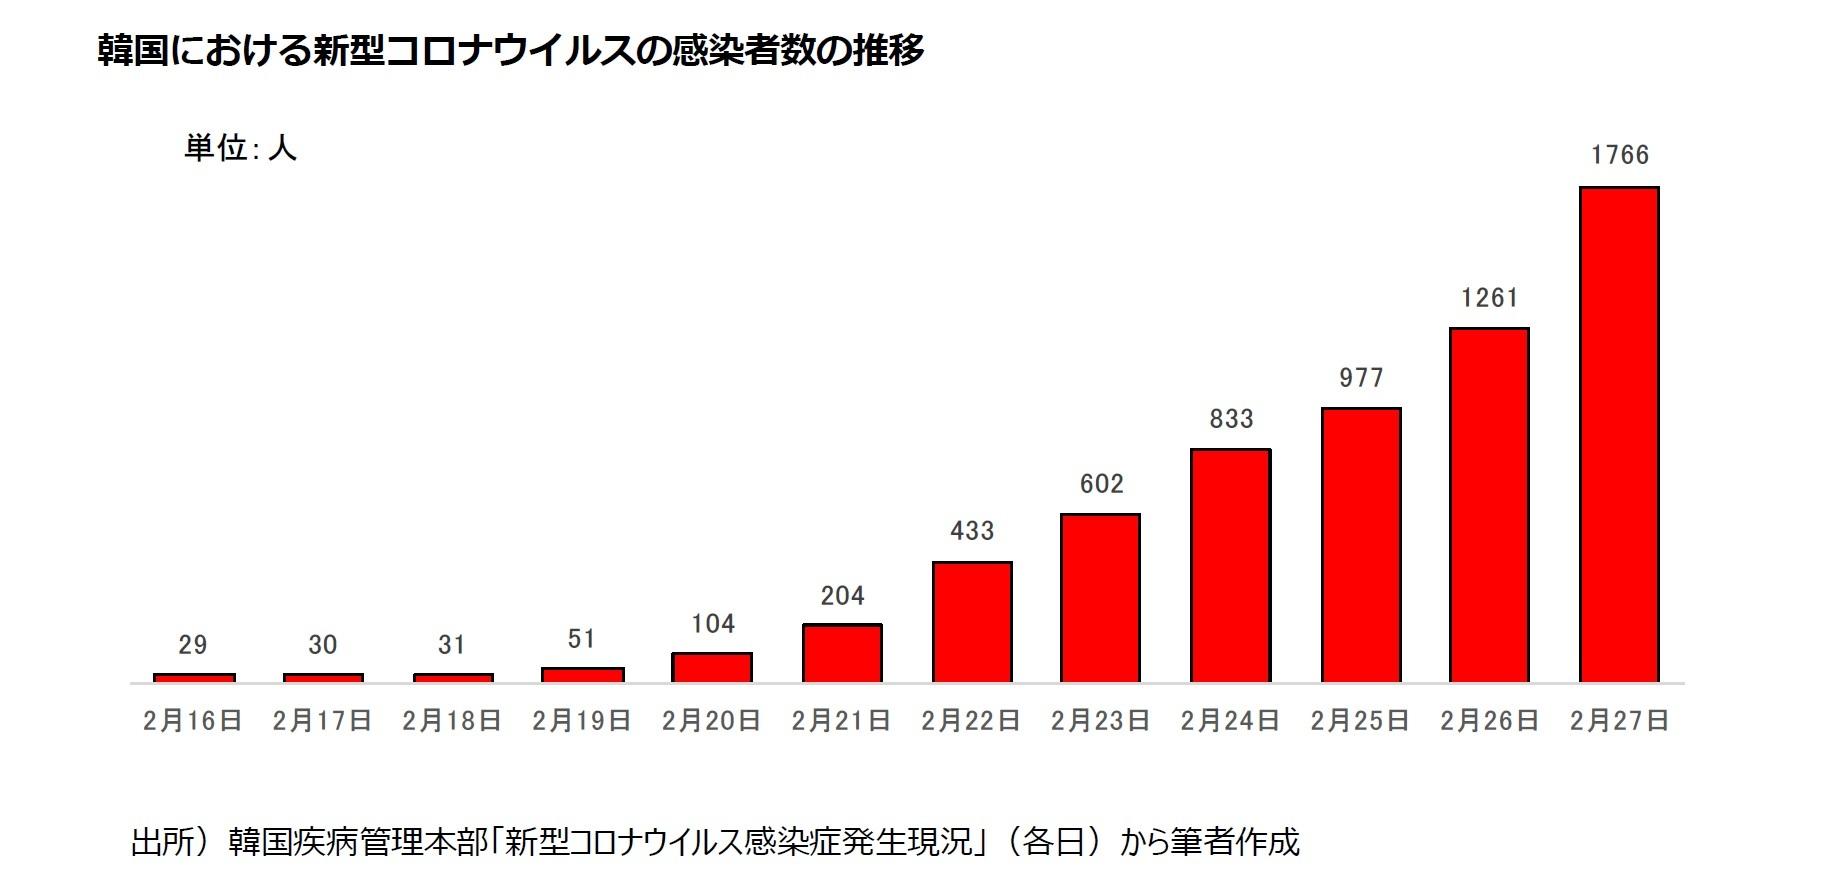 韓国における新型コロナウイルスの感染者数の推移